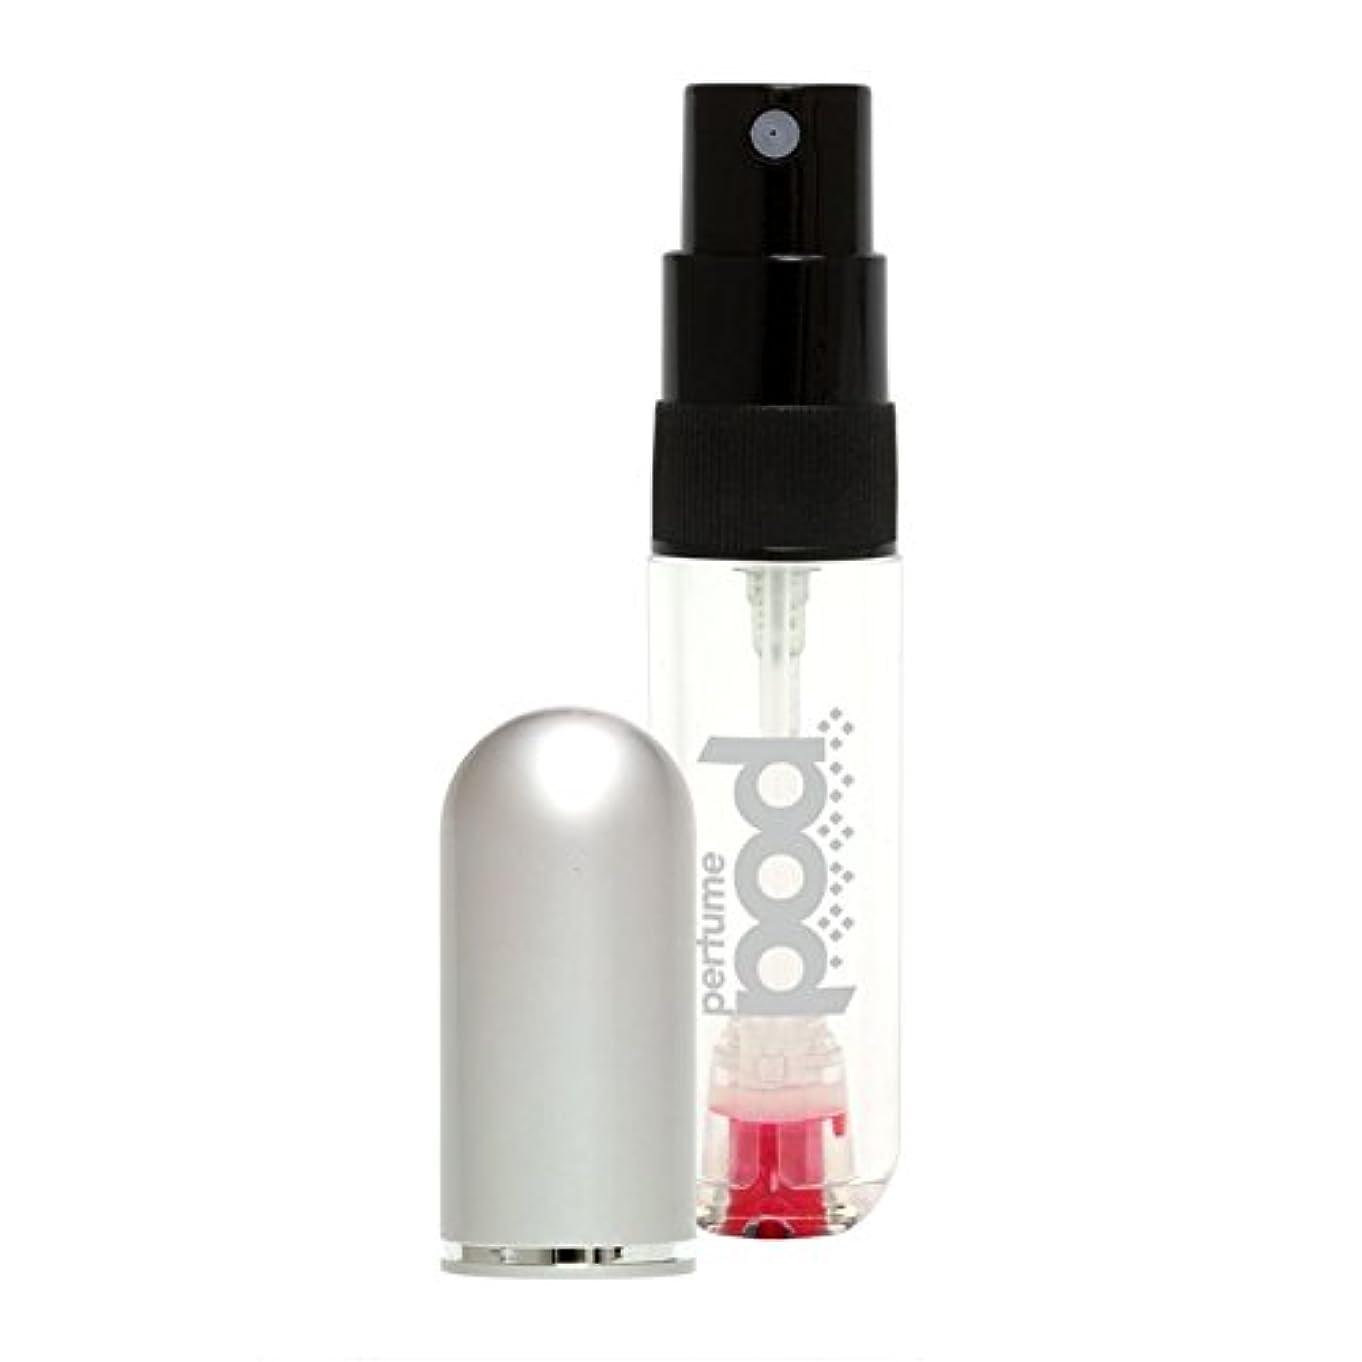 相手ルーム不機嫌Travalo Perfume Pod トラヴァーロ パフュームポッド 香水 10秒チャージ 香水 スプレー 香水 アトマイザー 香水 ボトル 香水 携帯 (シルバー)